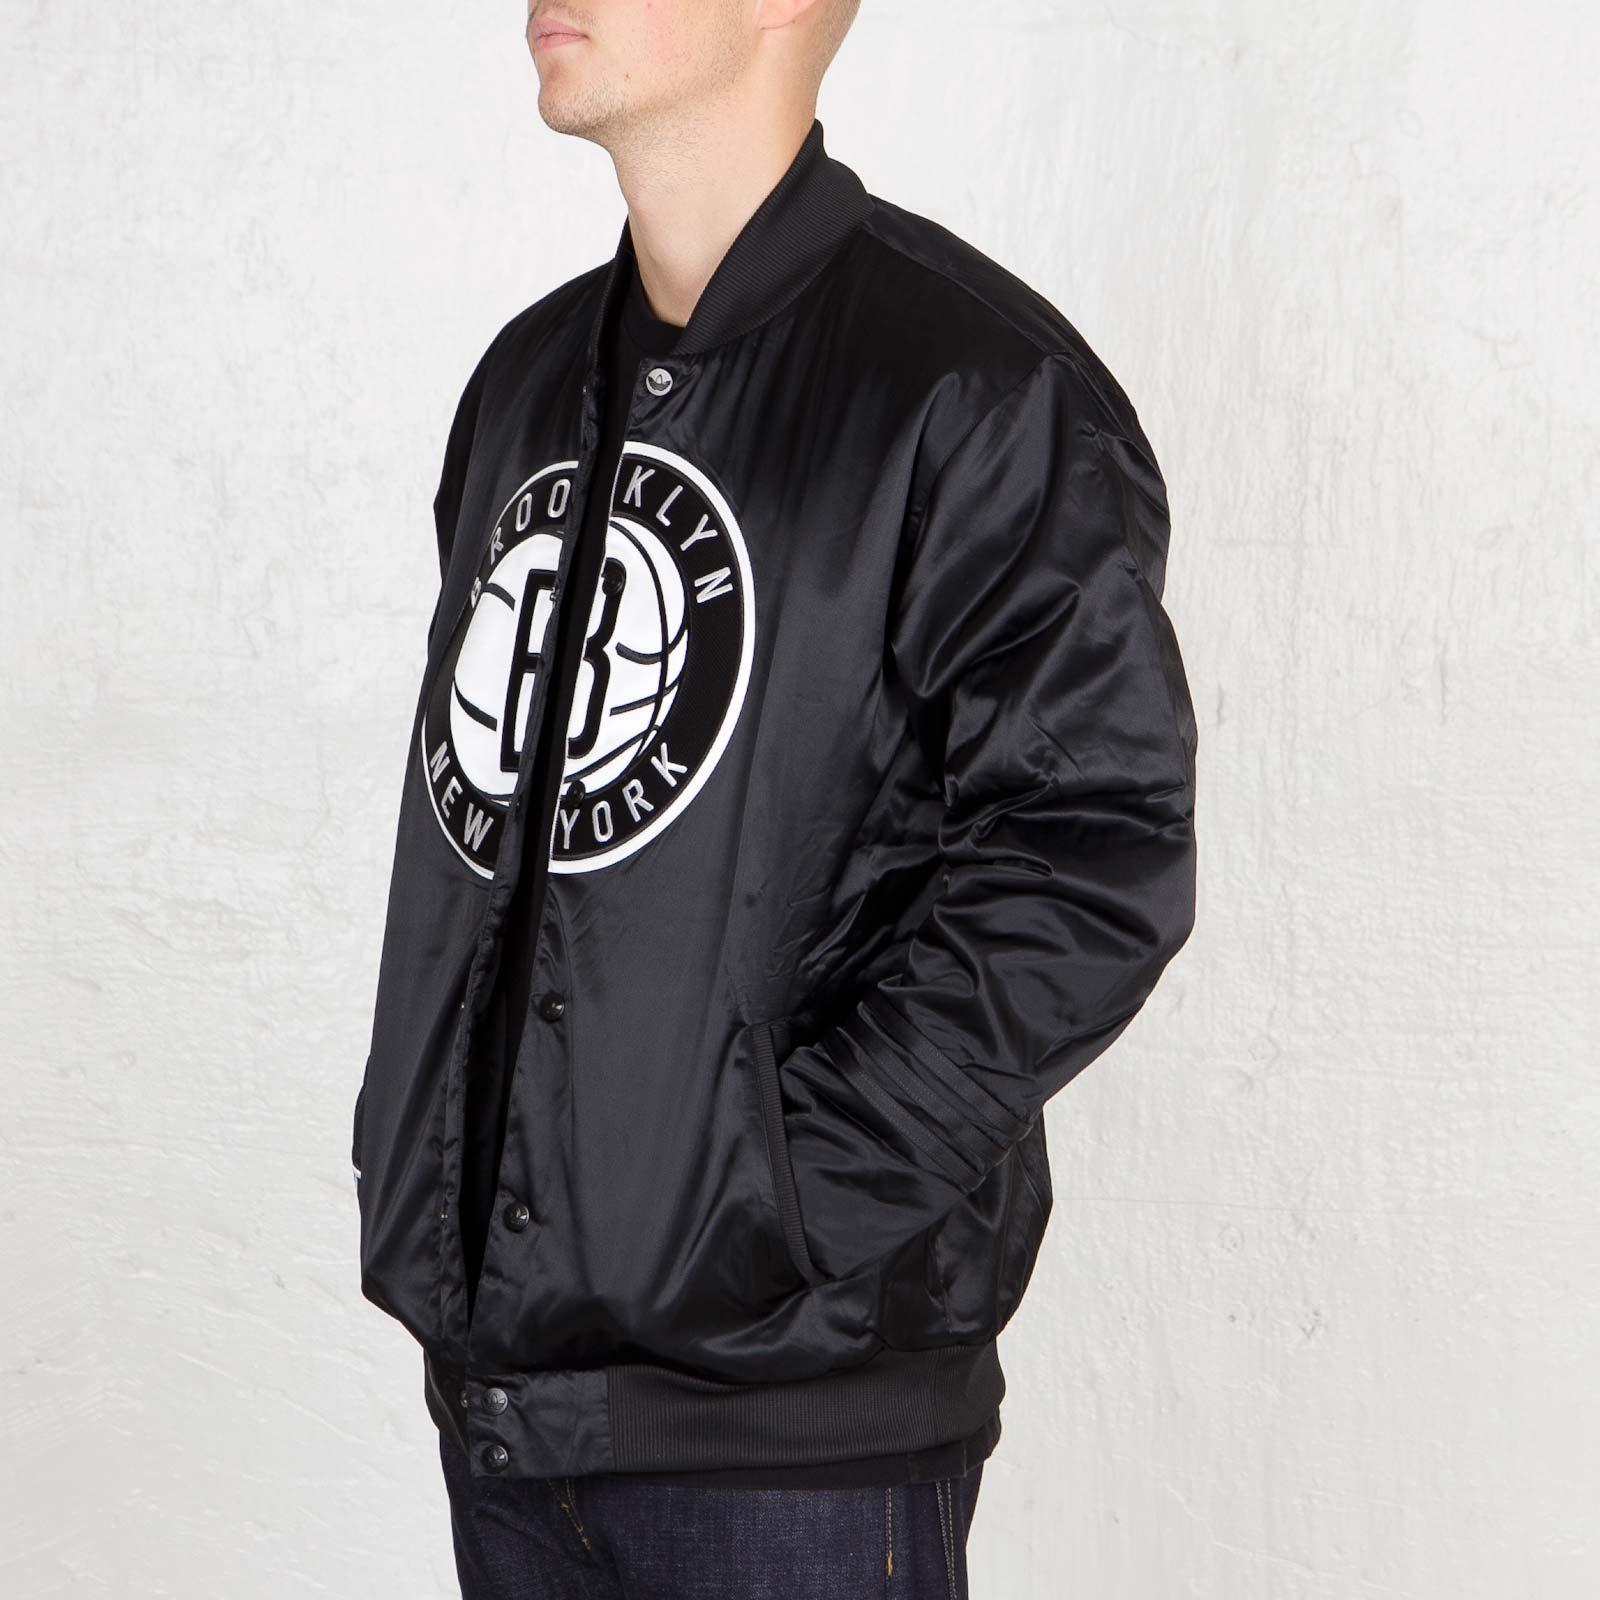 Adidas Black Originals Nba Brooklyn Nets Jacket for men